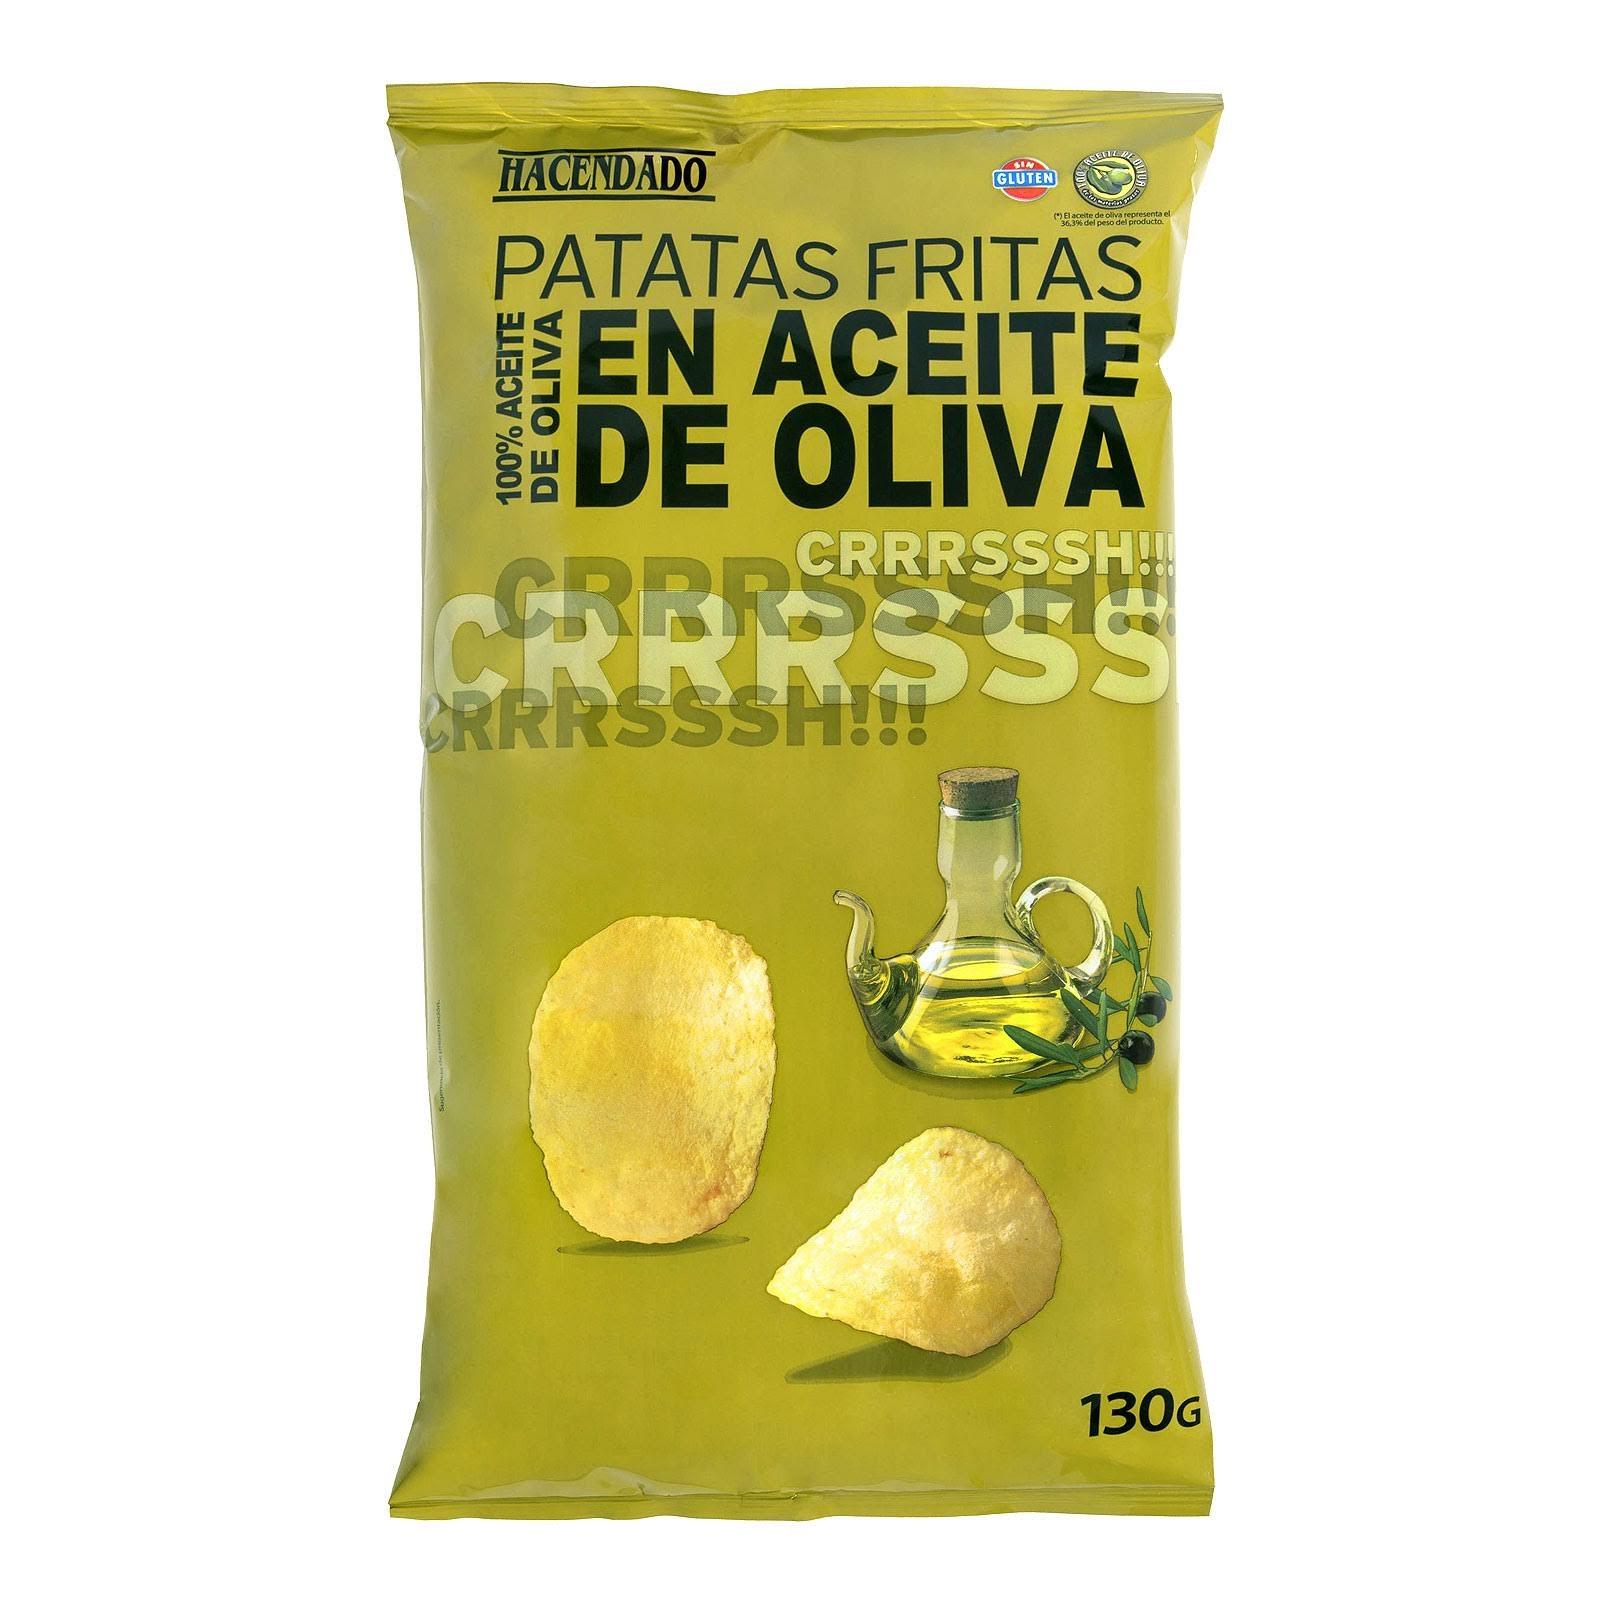 Patatas fritas en aceite de oliva Hacendado